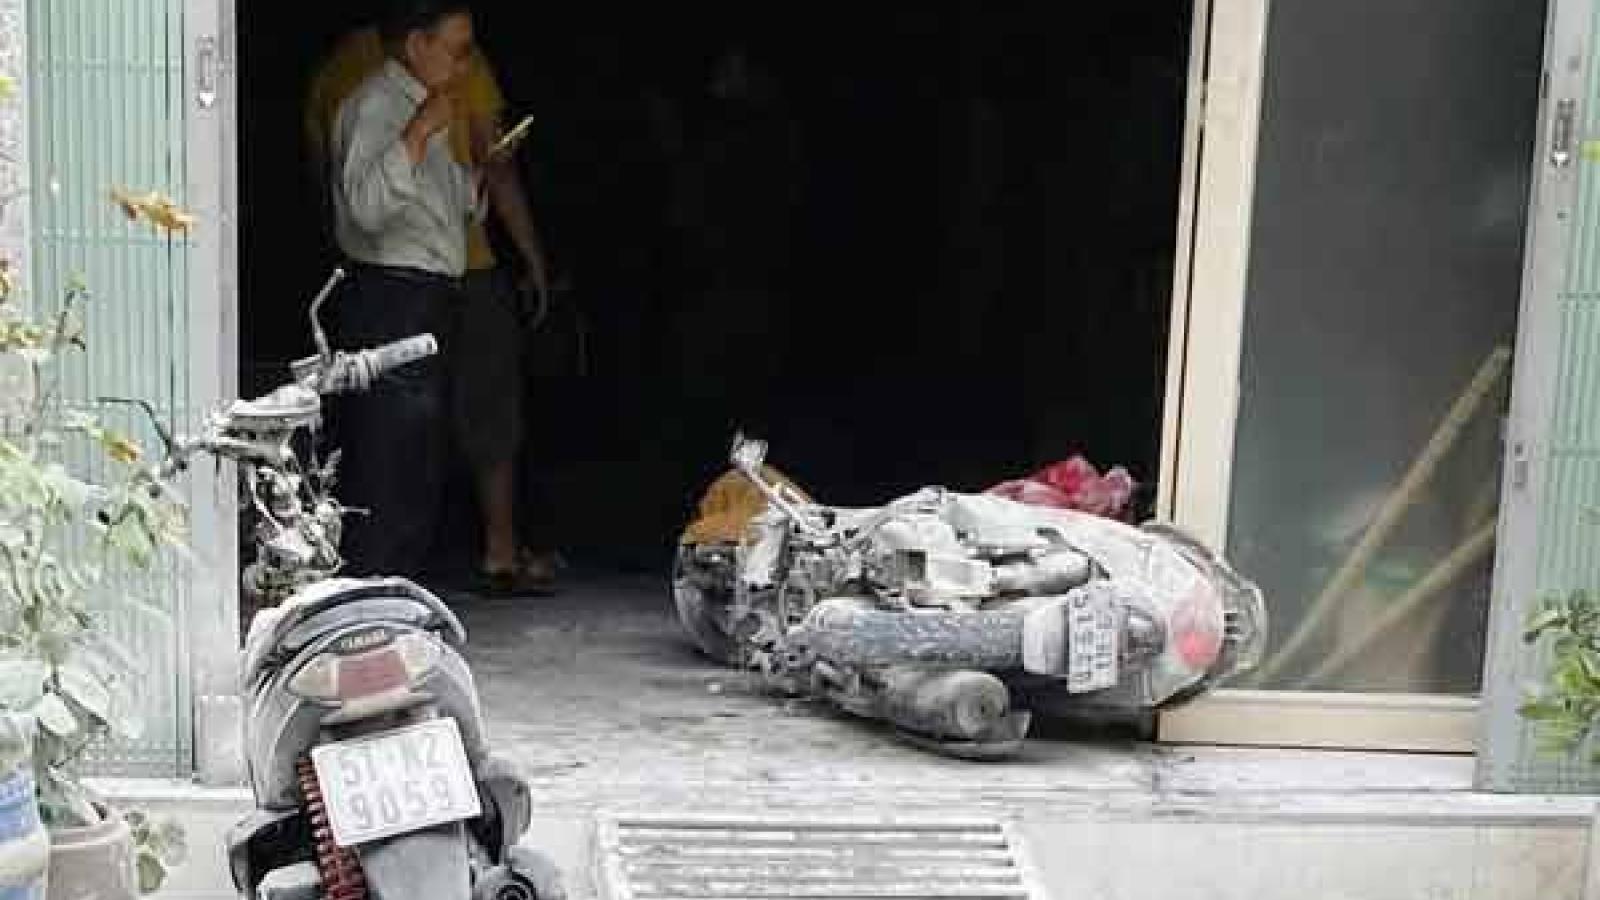 Dân phá cửa chữa cháy nhà 3 tầng ở TP HCM